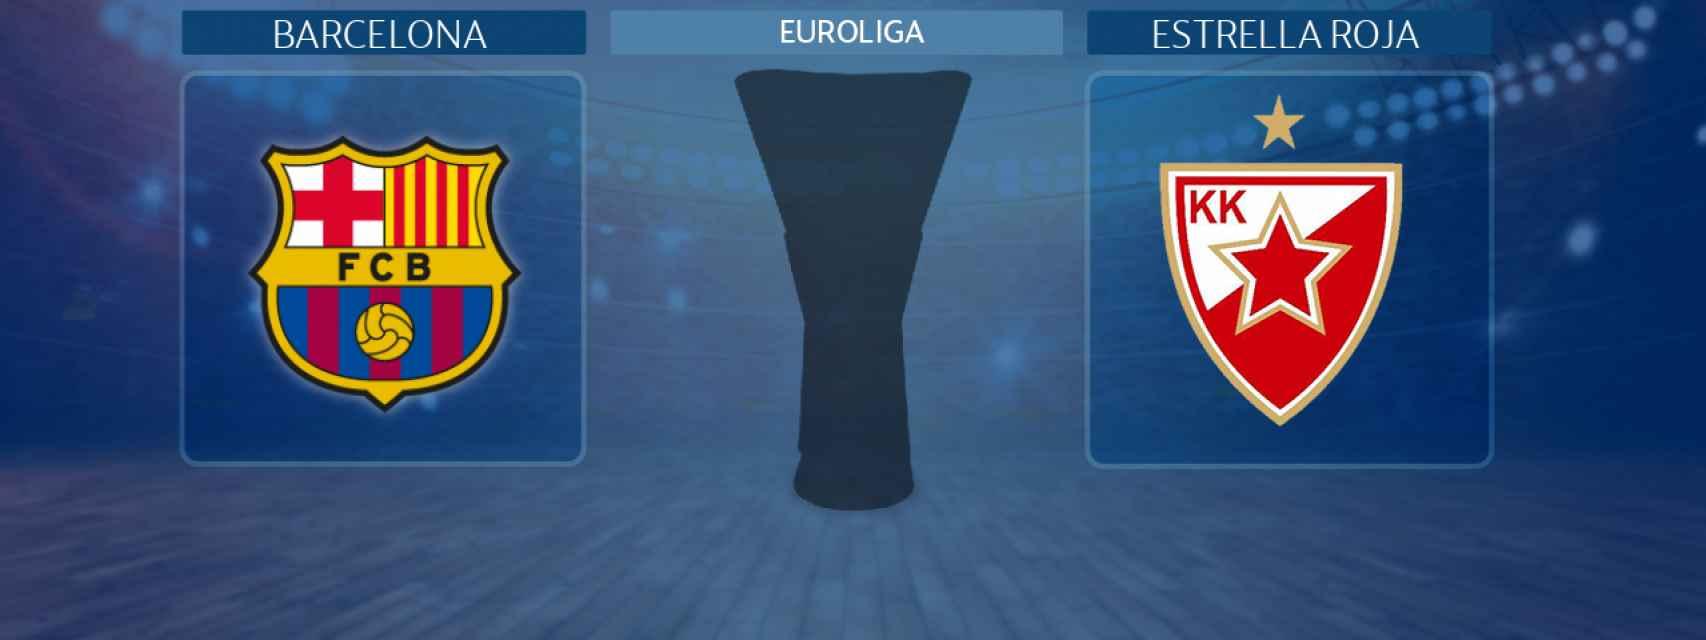 Barcelona - Estrella Roja, partido de la Euroliga